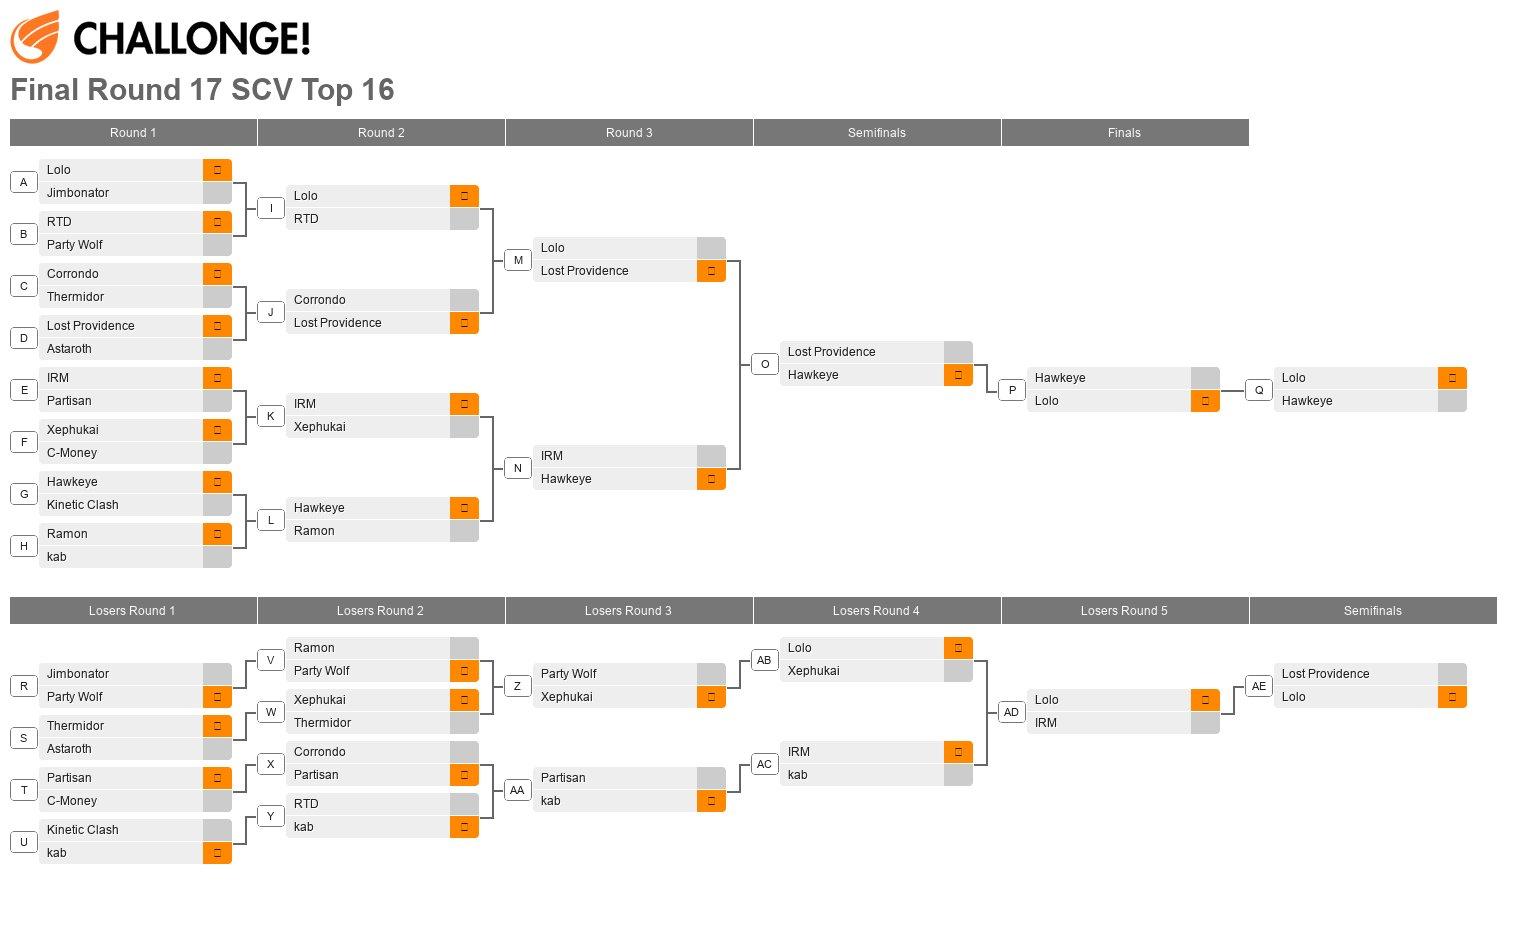 Final Round XVII Top 16